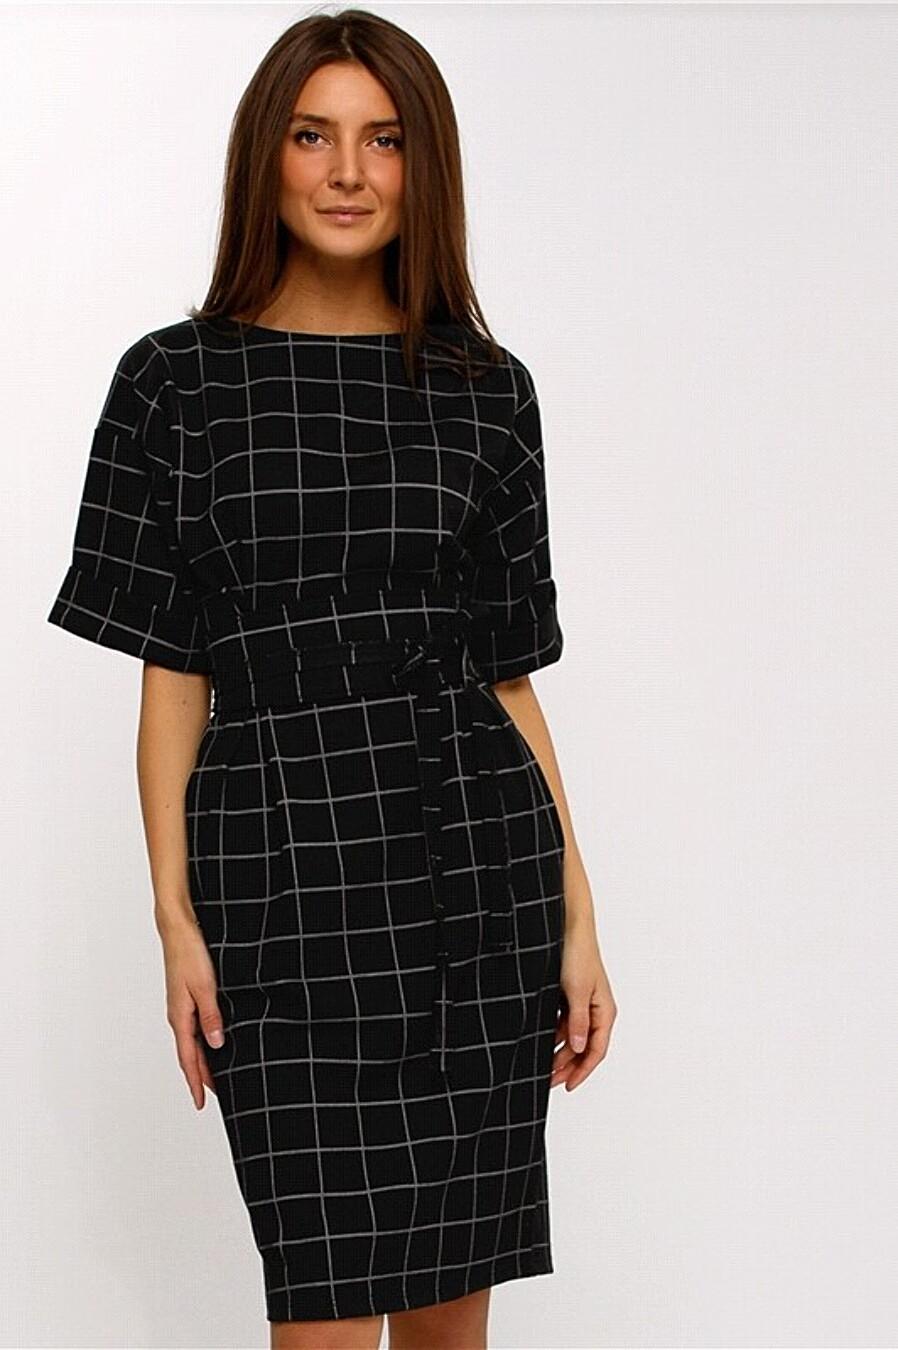 Платье для женщин АПРЕЛЬ 708753 купить оптом от производителя. Совместная покупка женской одежды в OptMoyo